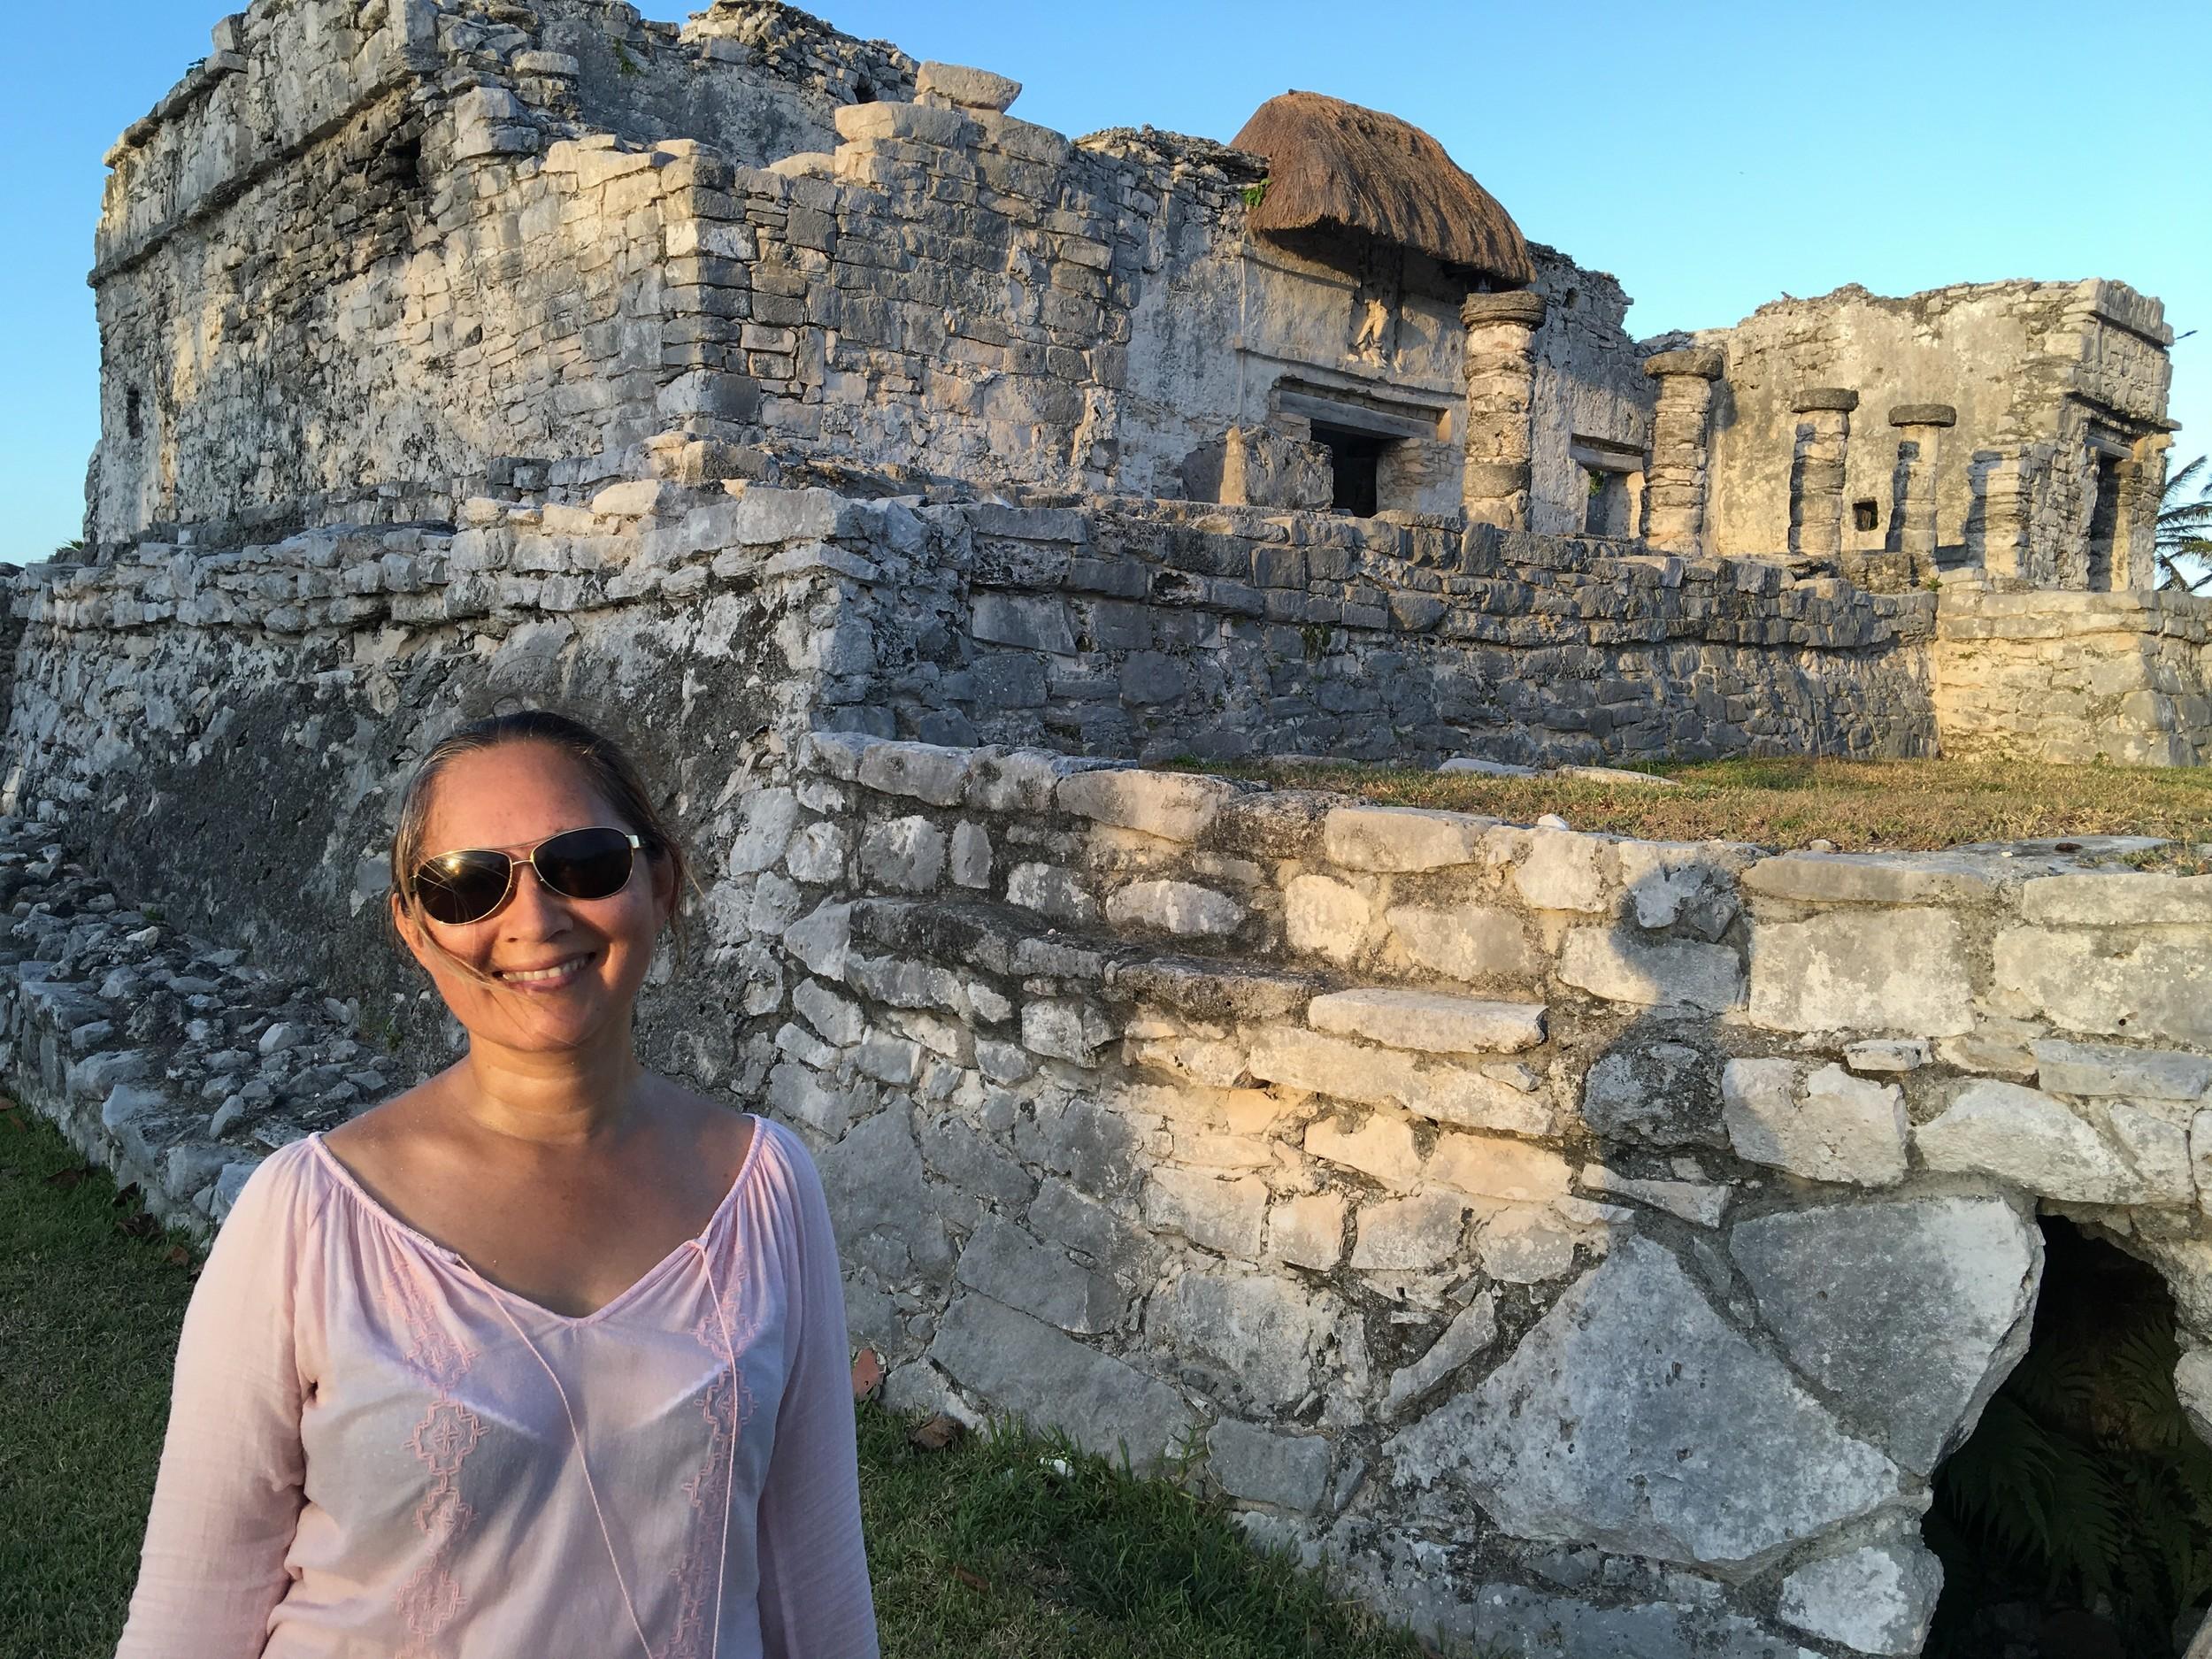 Amira at Tulum.